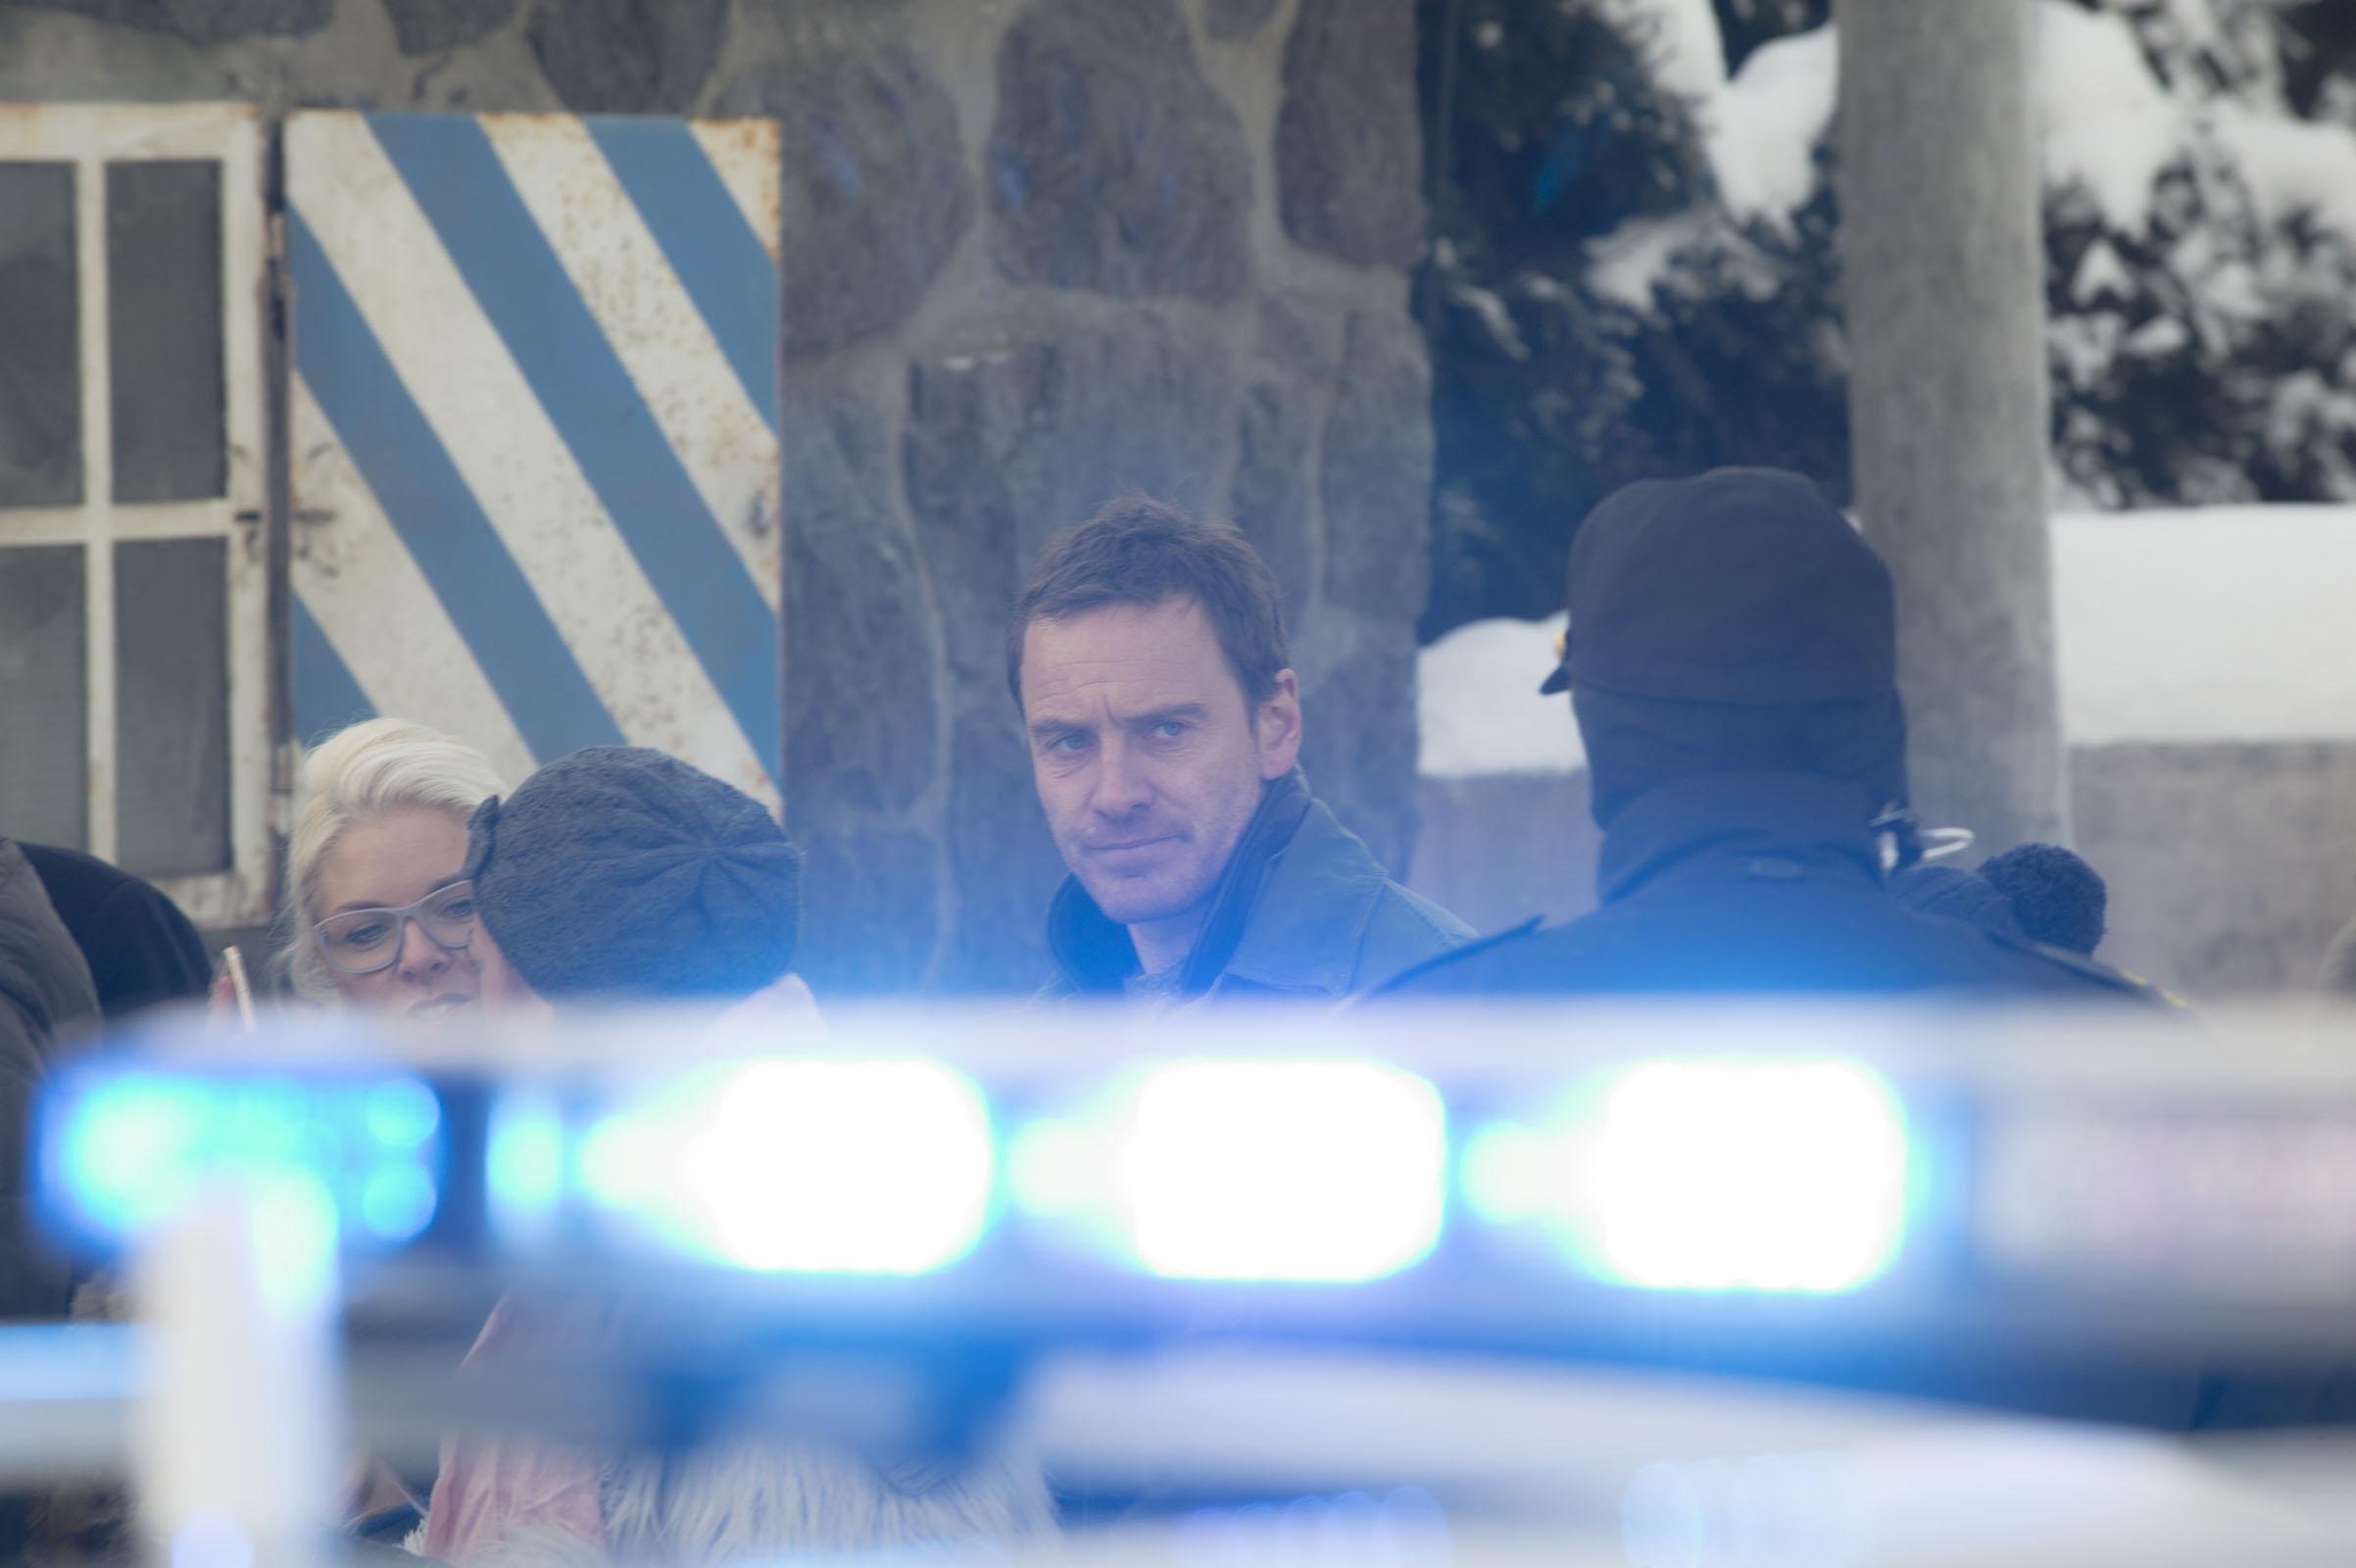 Filme Seu Nome É Jonas pertaining to casting du film le bonhomme de neige : réalisateurs, acteurs et